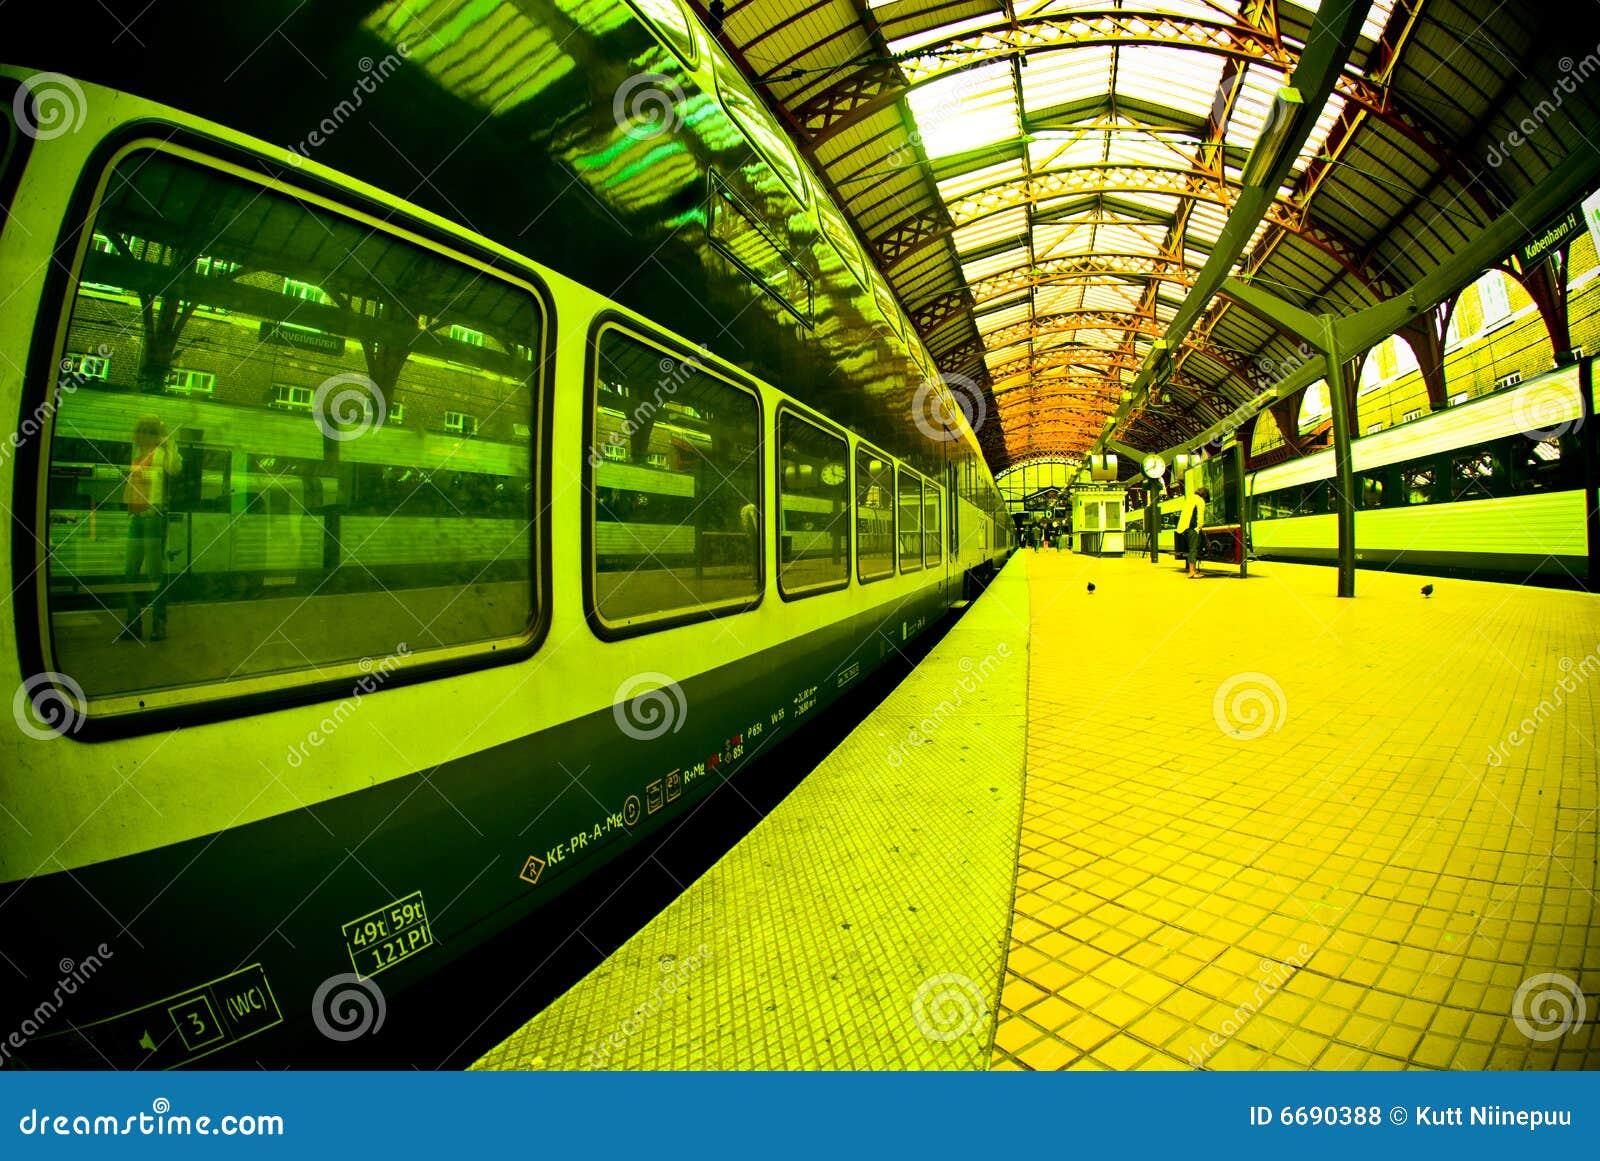 Plataforma no estação de caminhos-de-ferro